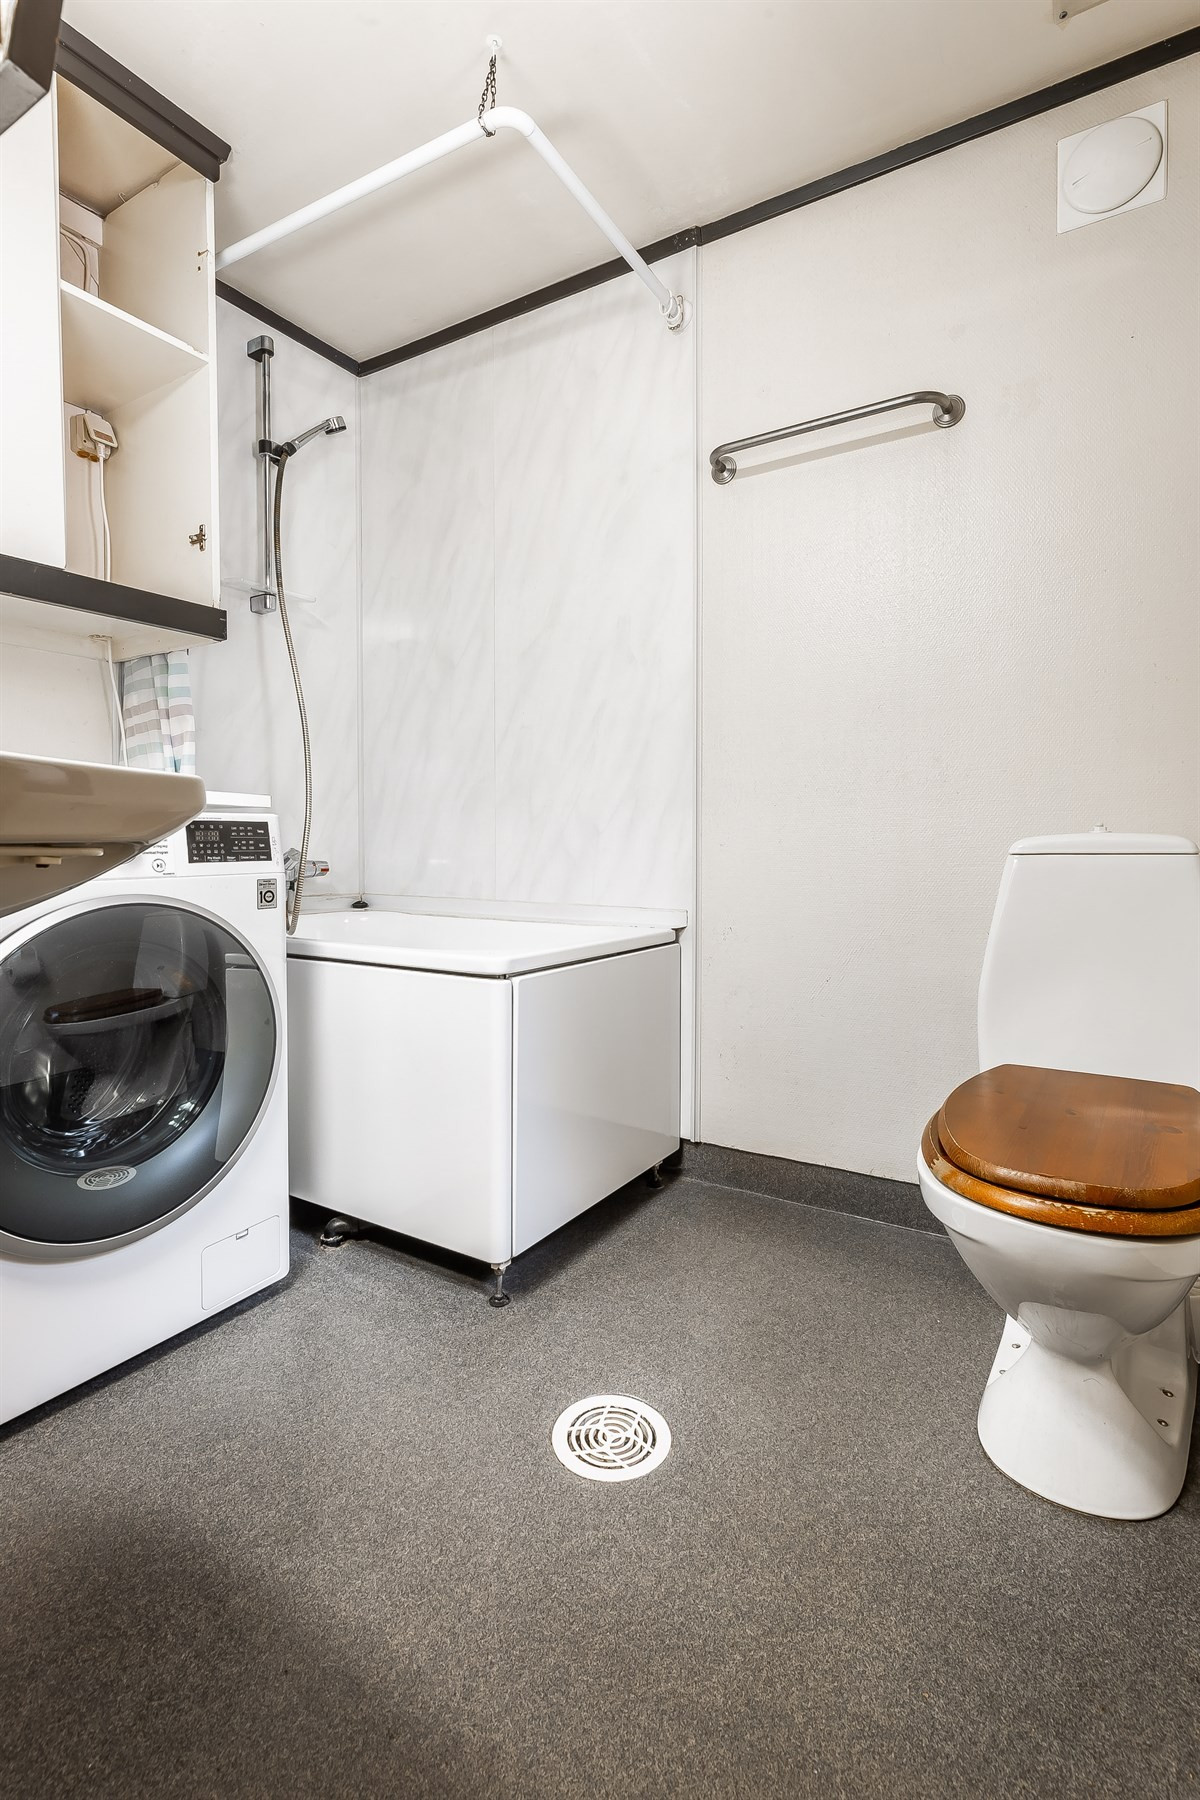 Baderom tilhørende leilighet i første etasje. Opplegg for vaskemaskin, dusj med badekar. Ventilasjon i himling.